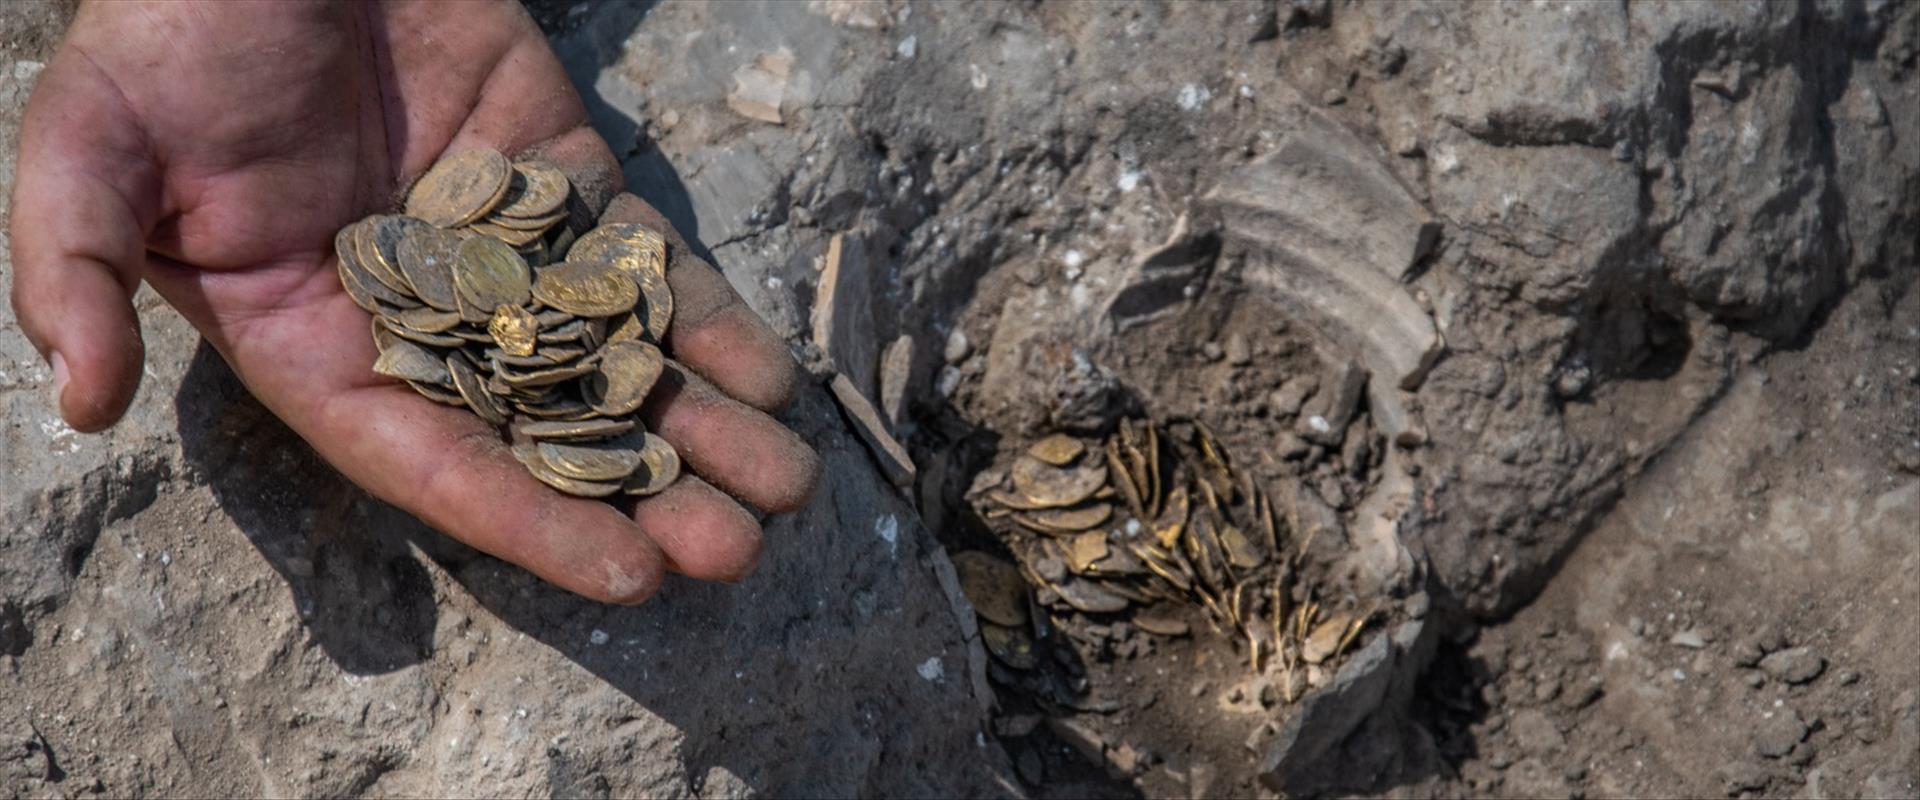 מטבעות הזהב שנמצאו במרכז הארץ